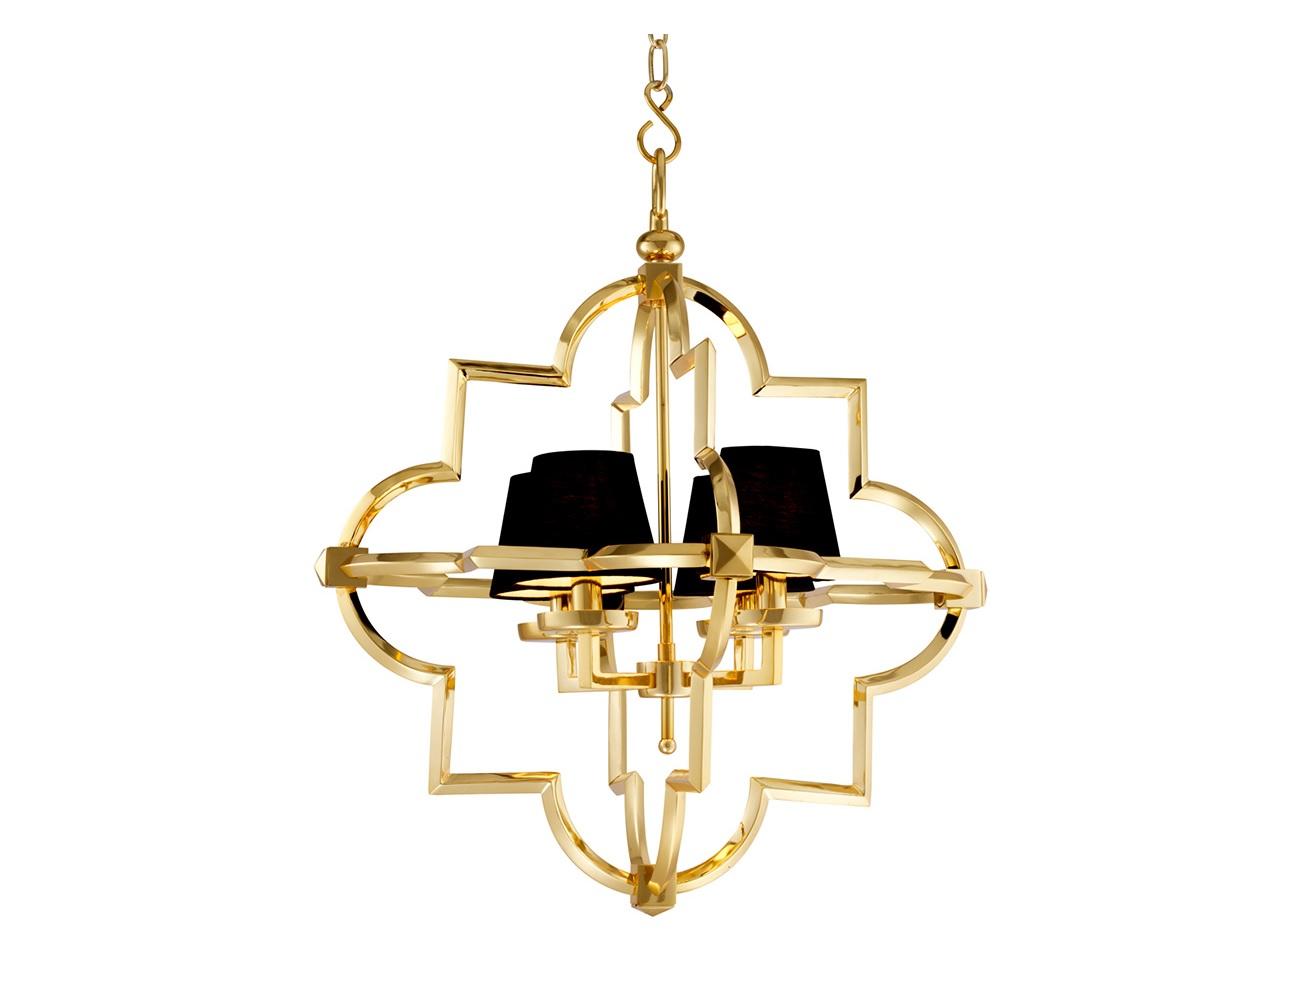 Подвесной светильник MandevilleПодвесные светильники<br>Подвесной светильник 4-х рожковый из коллекции Chandelier Mandeville S на металлической арматуре золотого цвета. Тканевые абажуры черного цвета скрывают лампы. Высота светильника регулируется за счет звеньев цепи.&amp;lt;div&amp;gt;&amp;lt;br&amp;gt;&amp;lt;/div&amp;gt;&amp;lt;div&amp;gt;&amp;lt;div&amp;gt;Вид цоколя: E14&amp;lt;/div&amp;gt;&amp;lt;div&amp;gt;Мощность лампы: 40W&amp;lt;/div&amp;gt;&amp;lt;div&amp;gt;Количество ламп: 4&amp;lt;/div&amp;gt;&amp;lt;/div&amp;gt;&amp;lt;div&amp;gt;&amp;lt;br&amp;gt;&amp;lt;/div&amp;gt;&amp;lt;div&amp;gt;Лампочки в комплект не входят.&amp;lt;/div&amp;gt;<br><br>Material: Металл<br>Ширина см: 67.0<br>Высота см: 82.0<br>Глубина см: 67.0